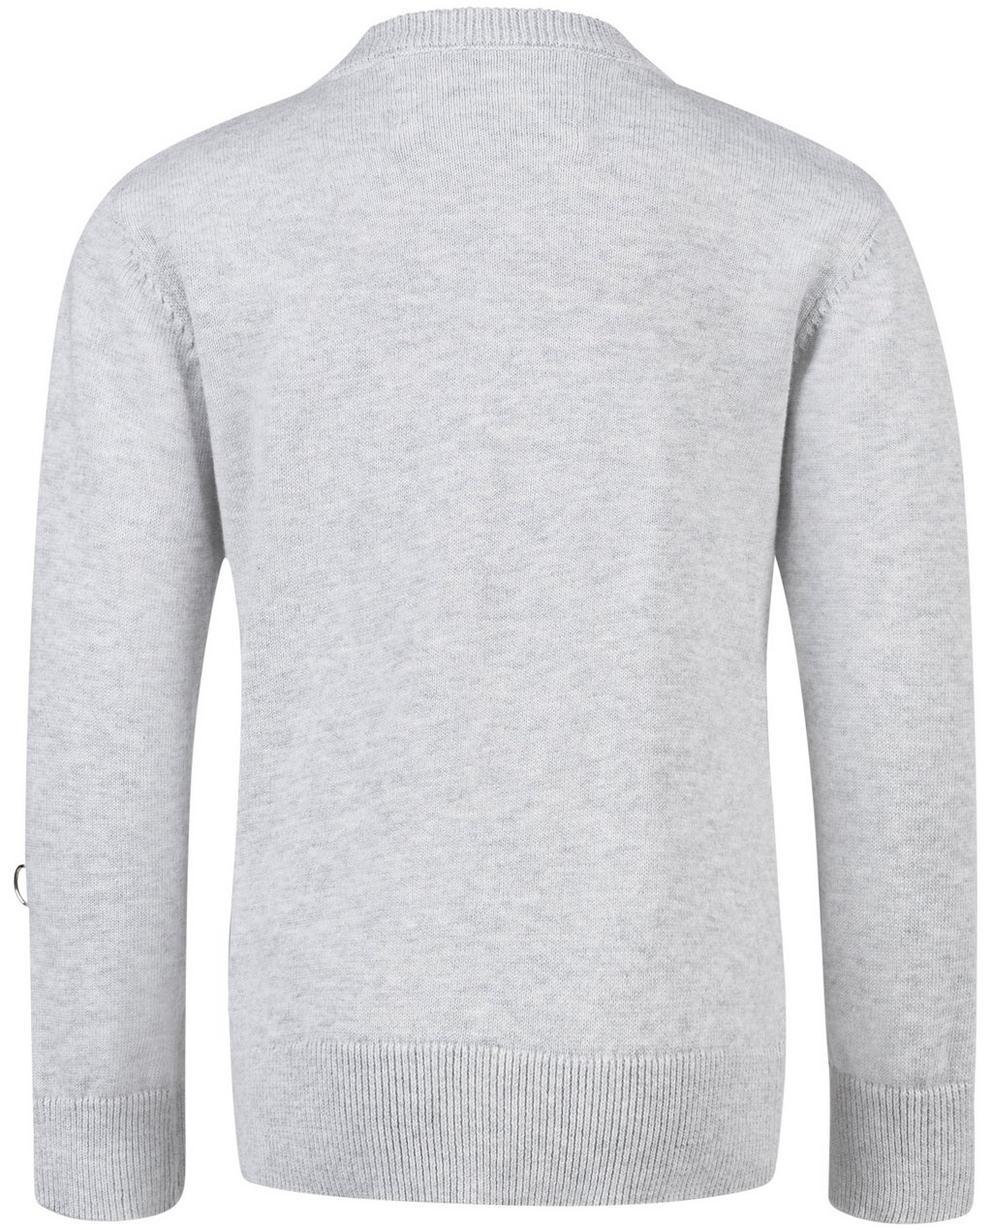 Pullover - Lichtgrijze trui